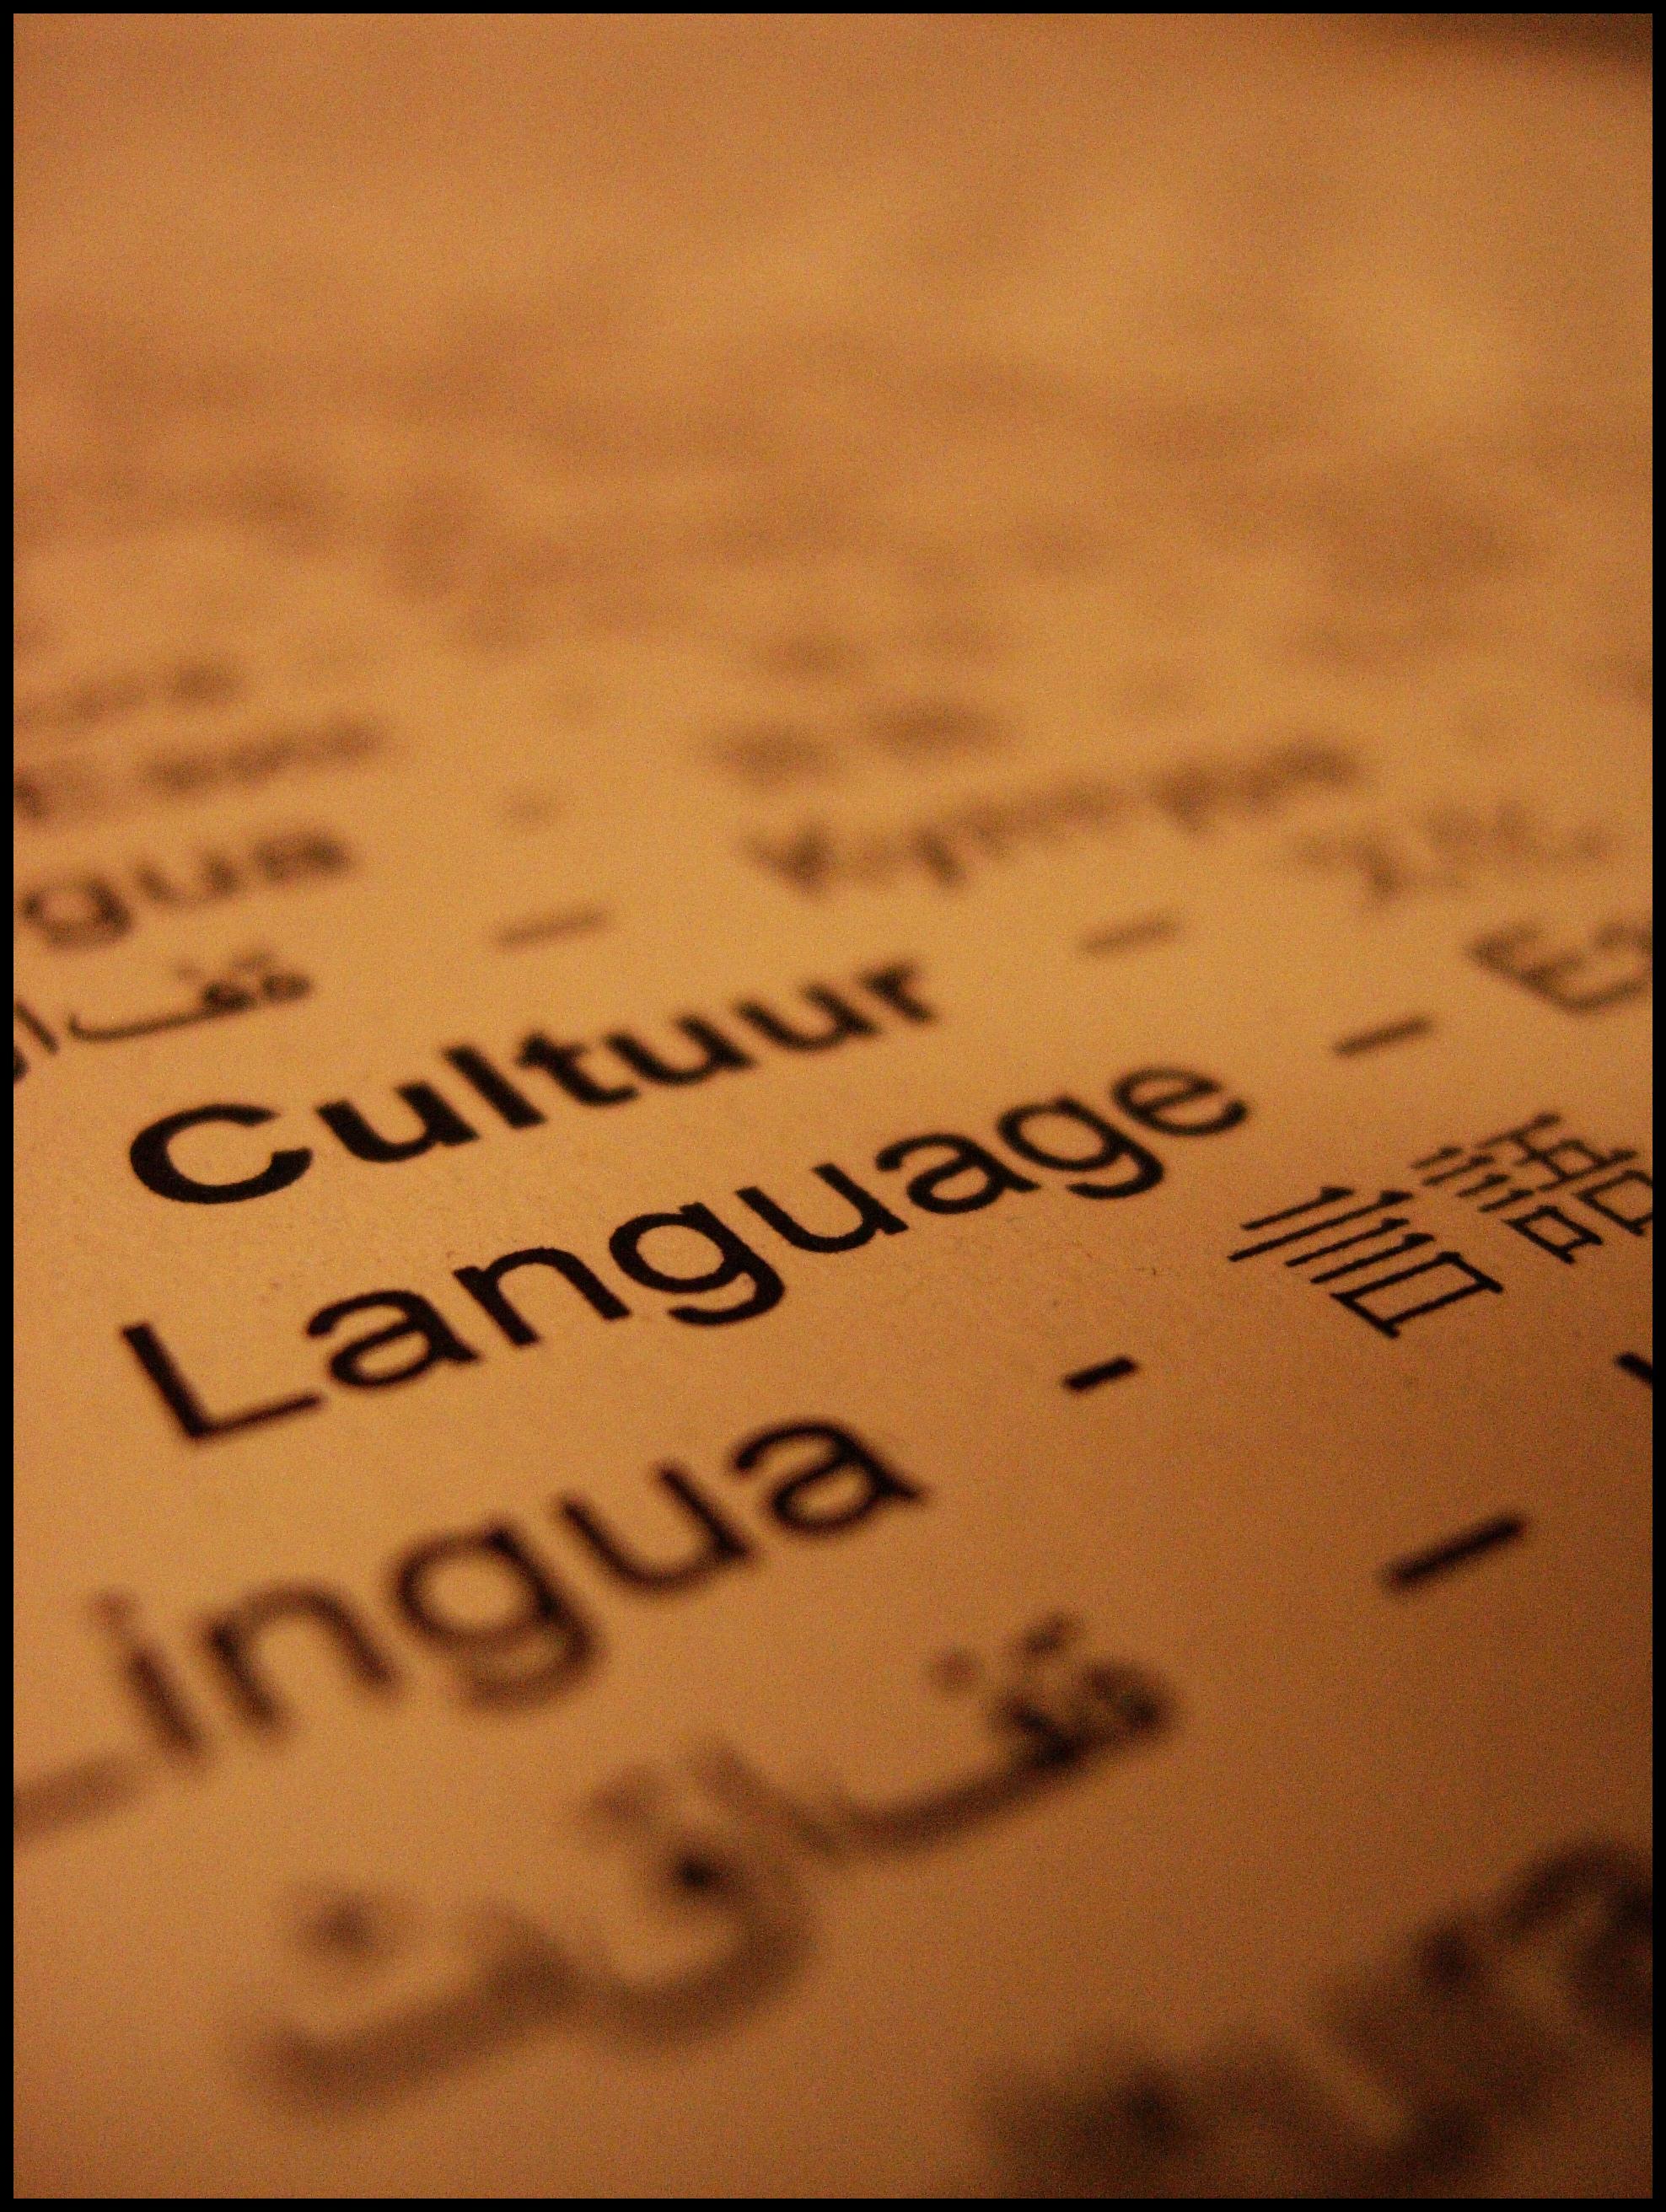 languagepicture